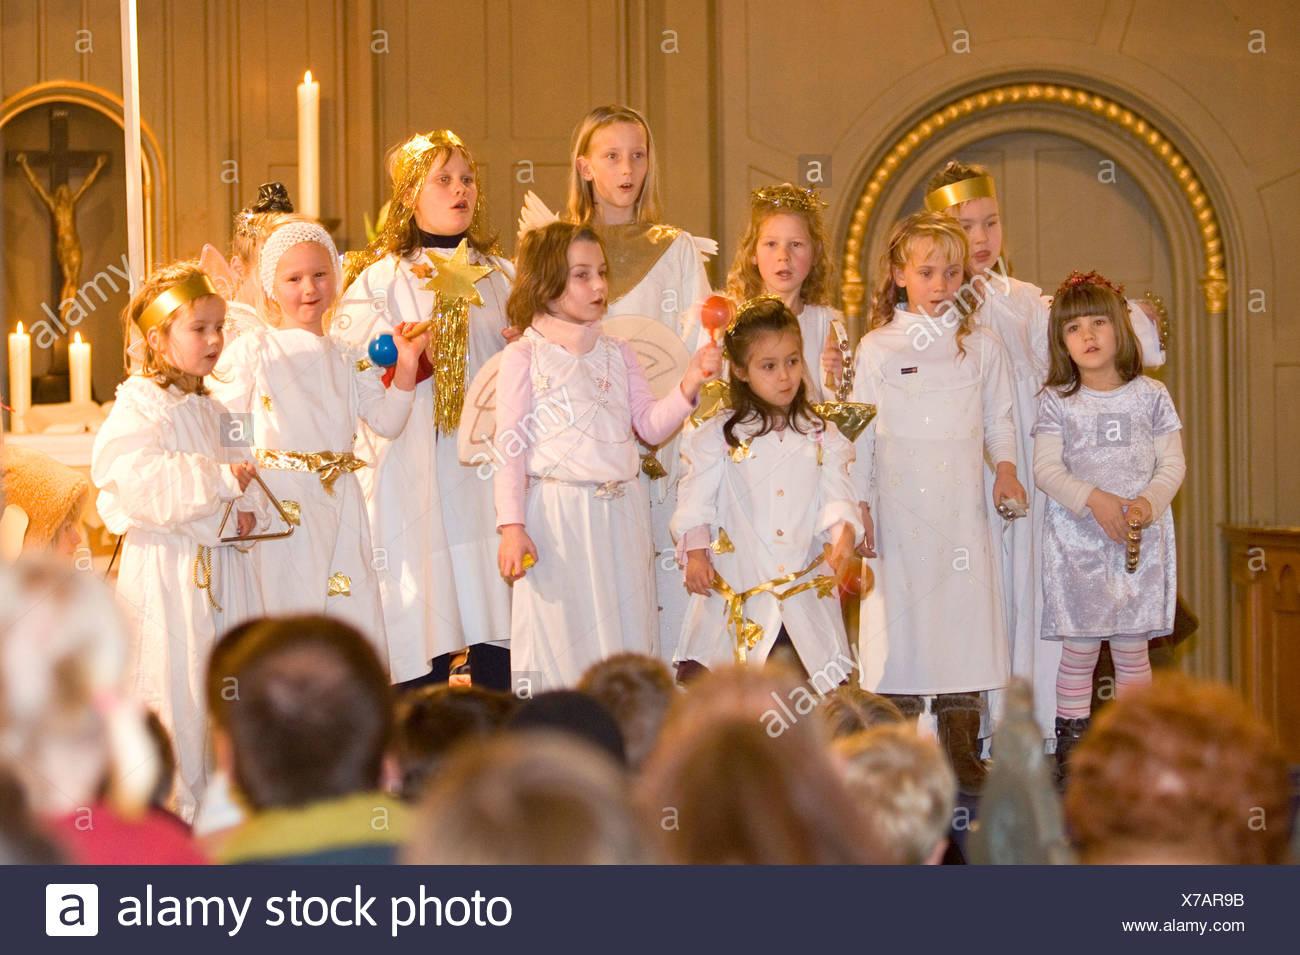 Choir of angles - Stock Image